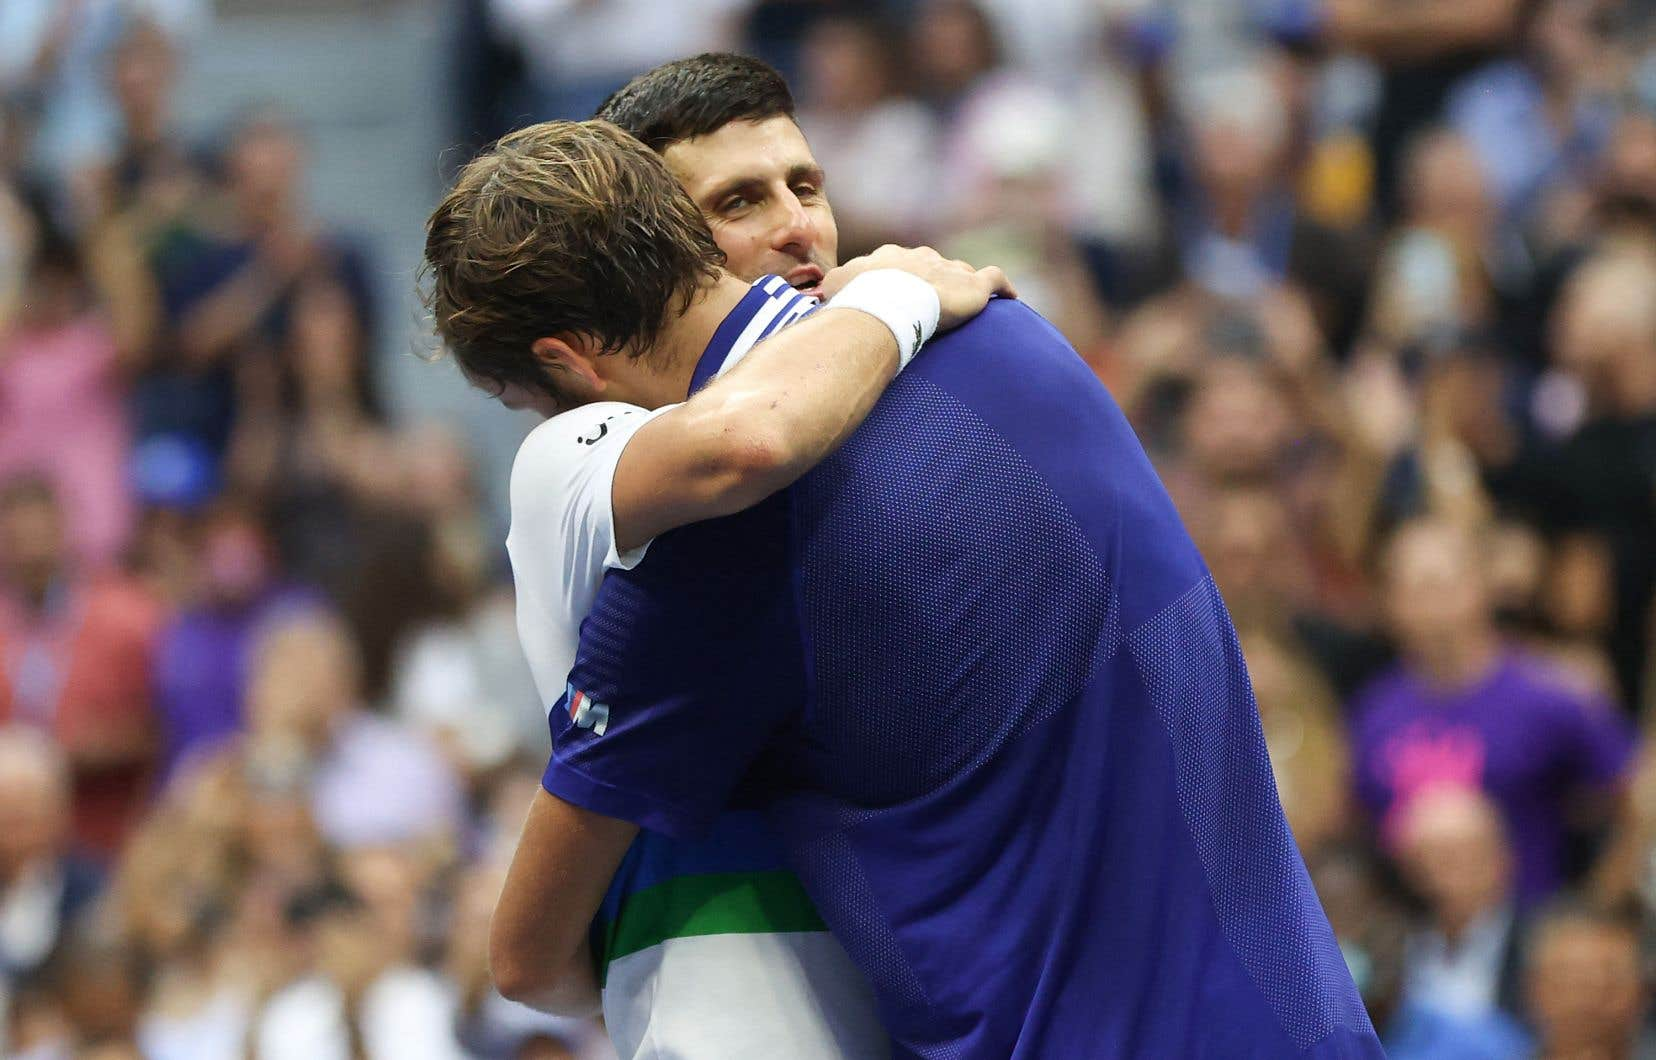 Le Russe Daniil Medvedev défait le Serbe Novak Djokovic en trois manches pour remporter les Internationaux des États-Unis, dimanche.